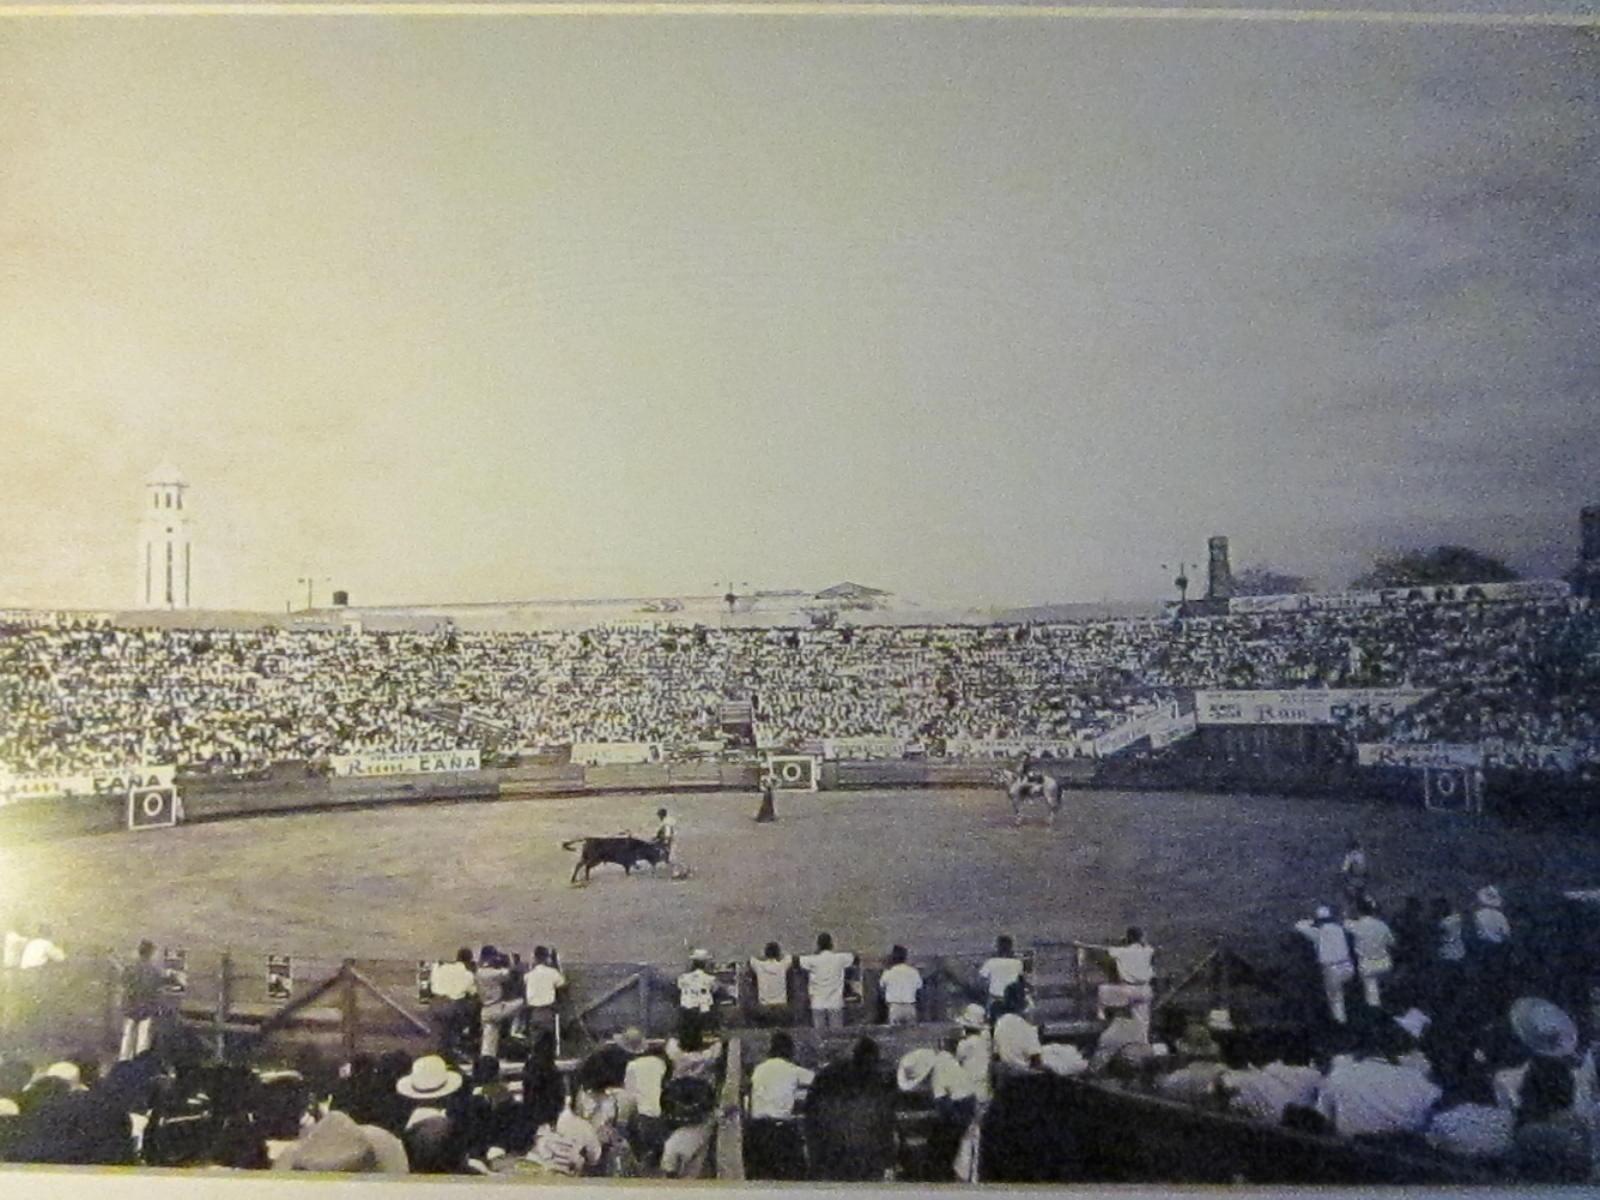 Lumang Tao Moments Old Bull Fighting Ring Near Manila